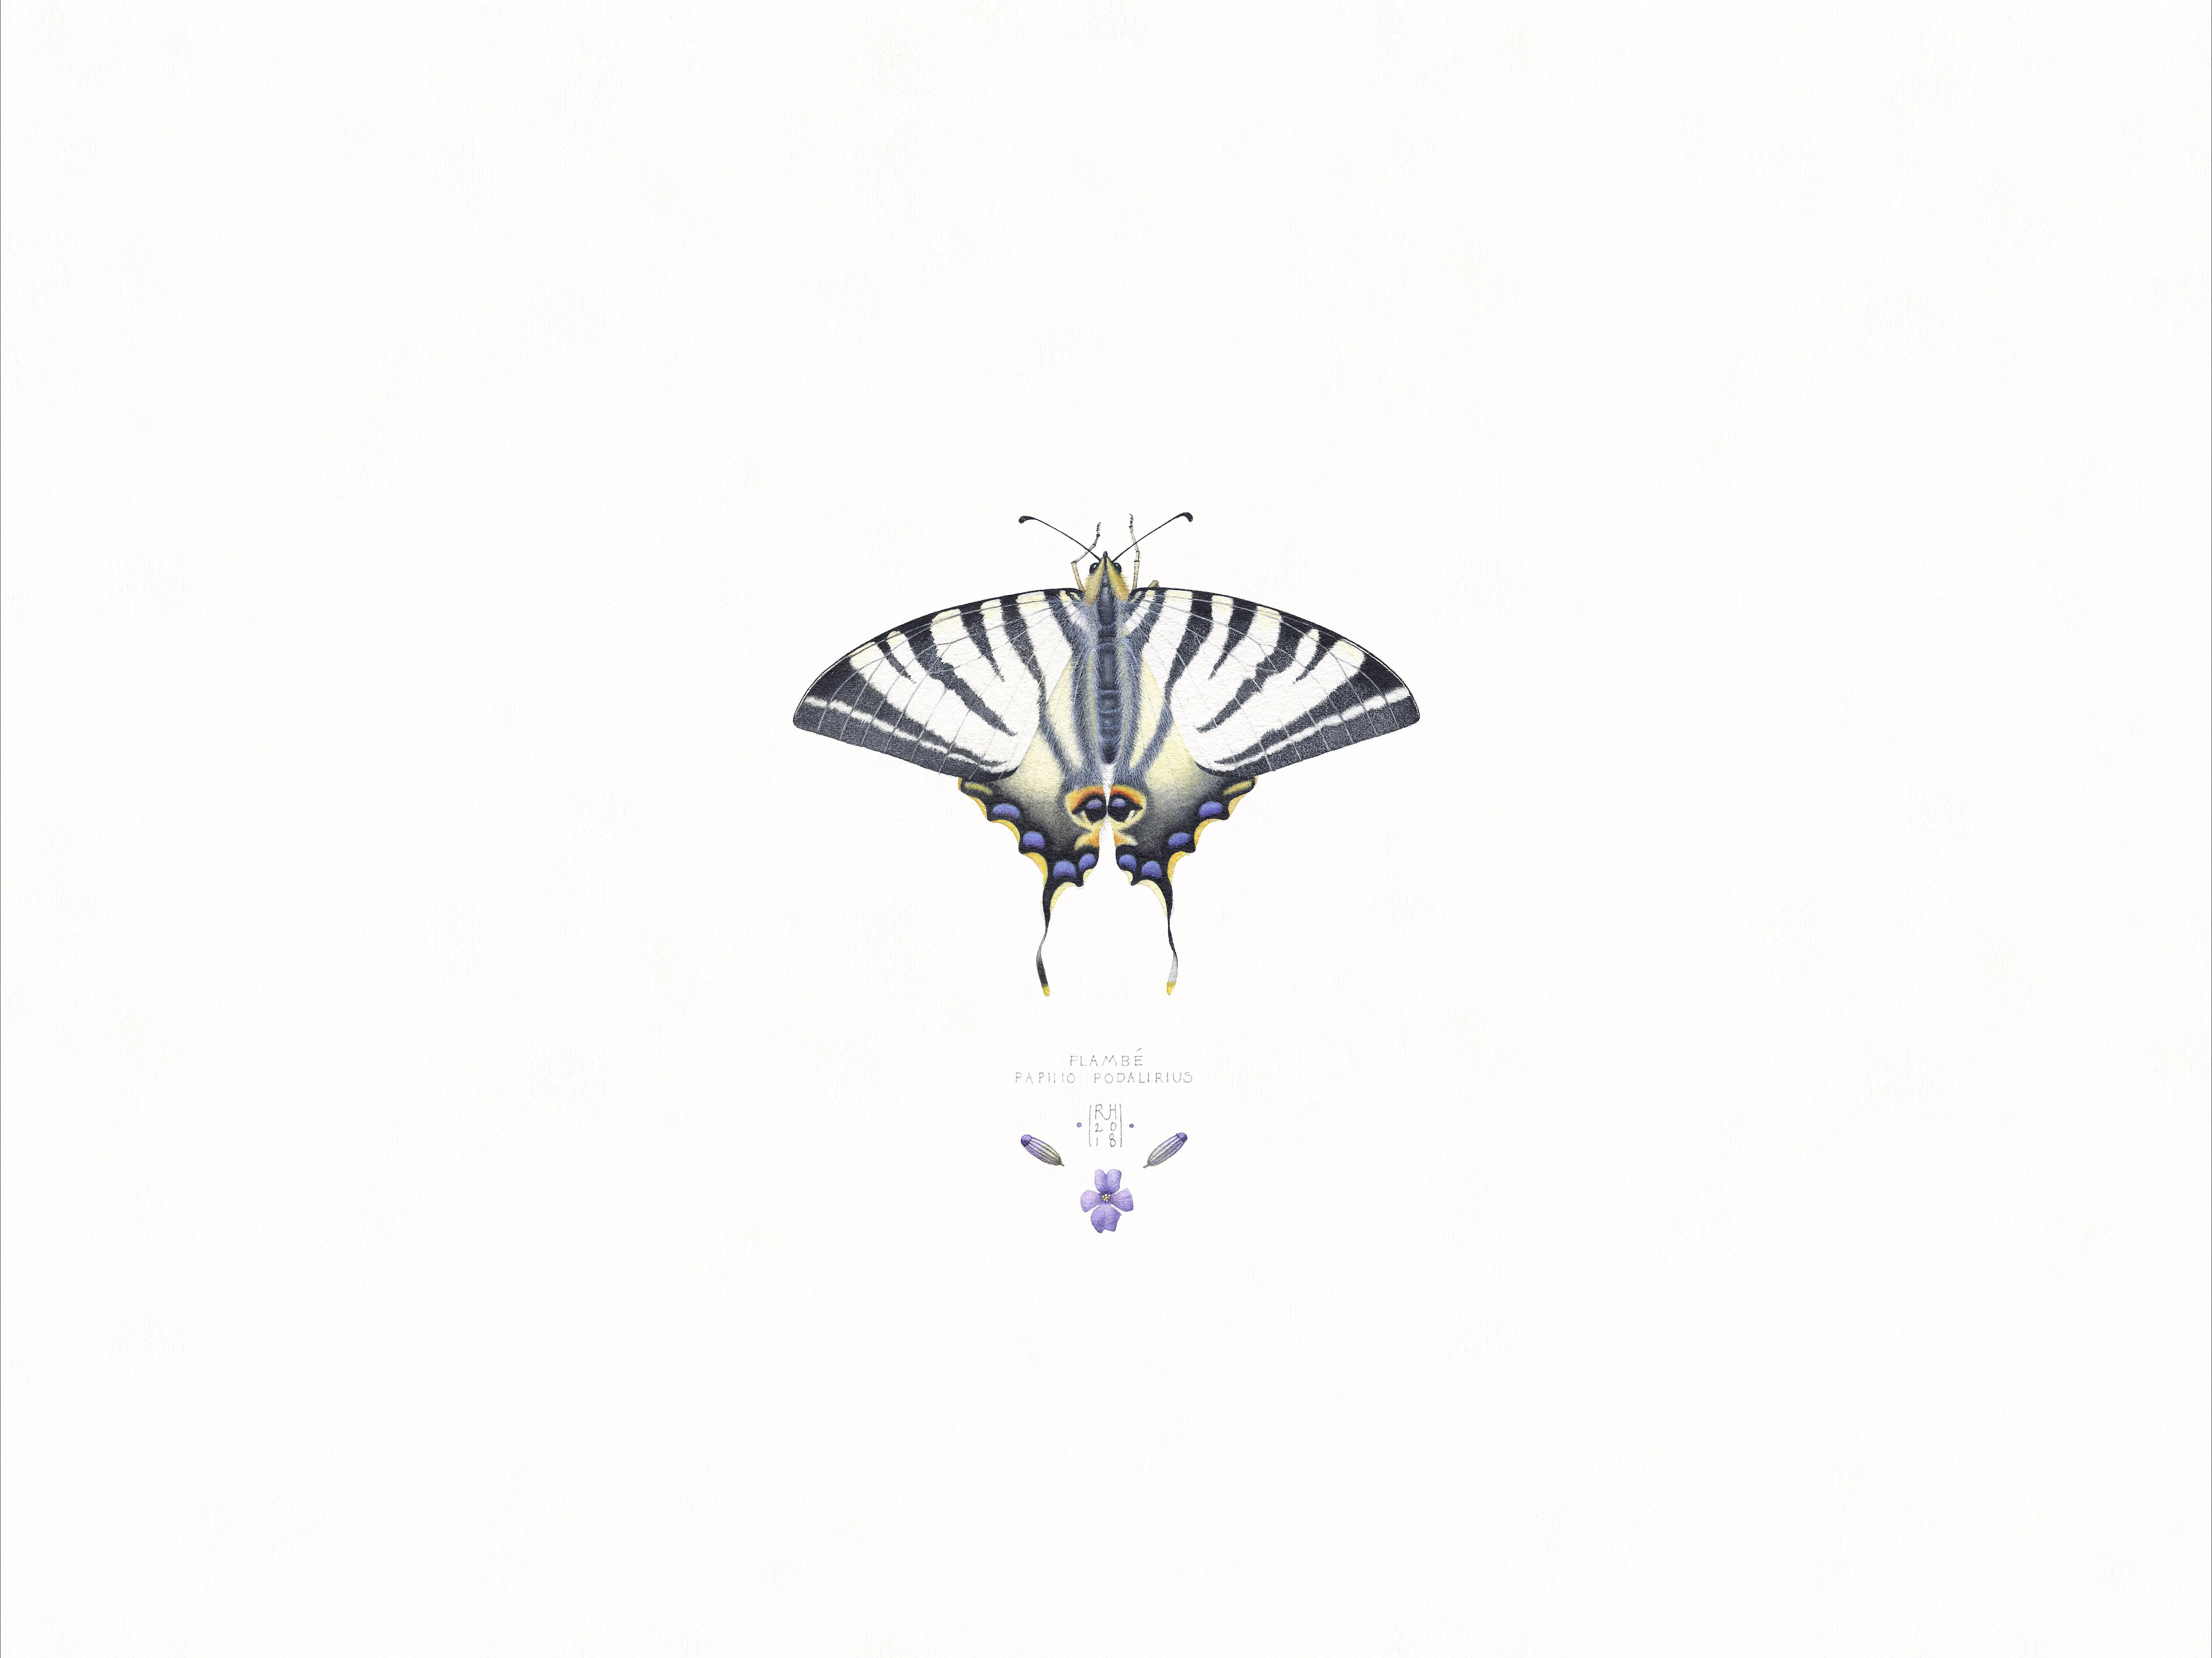 6. Papilio Podalirius